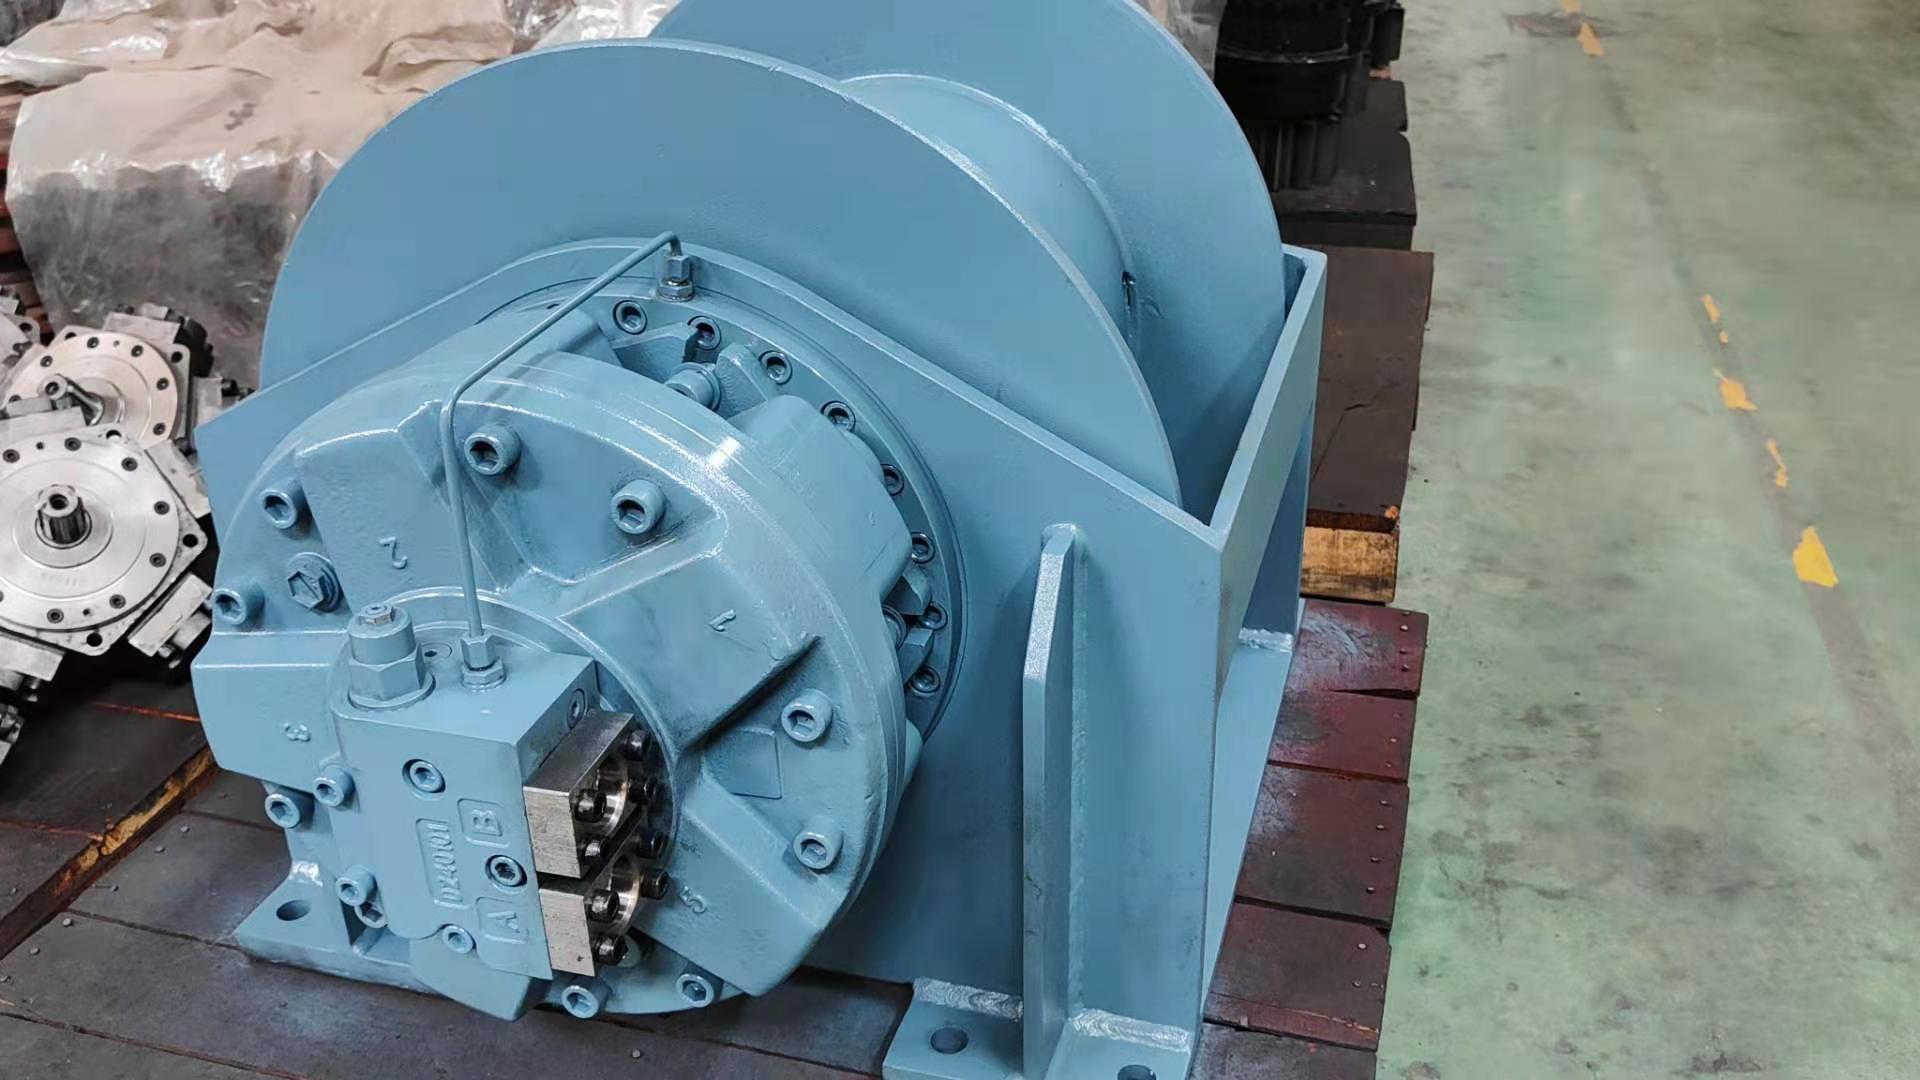 Multi-function hydraulic winch